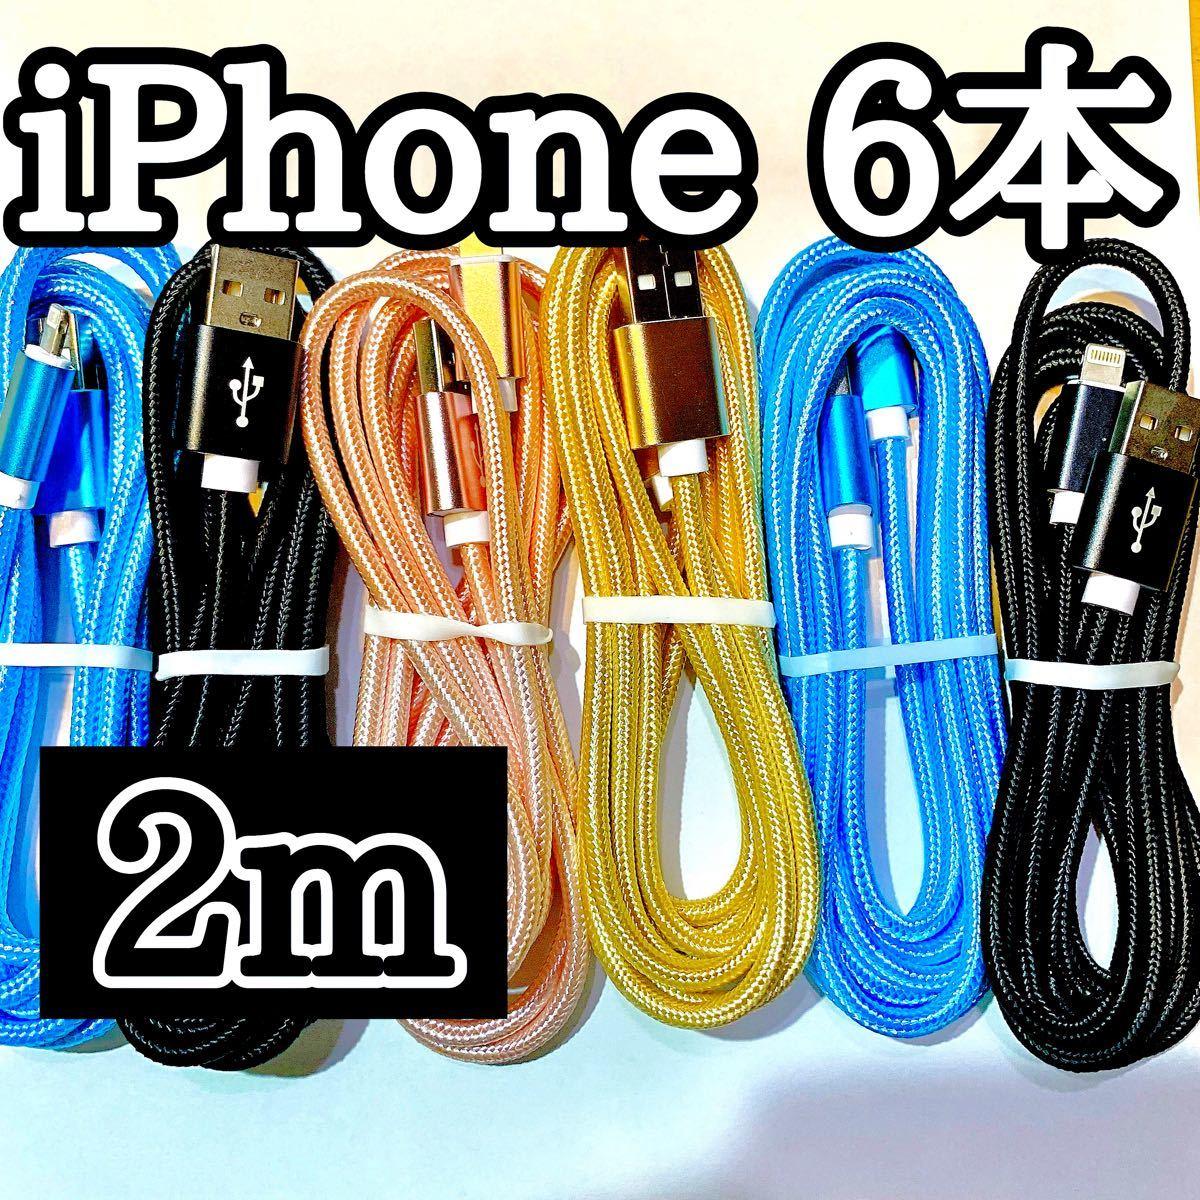 ライトニングケーブル2m純正品質  iPhoneケーブル 充電コード 6本 USB Lightningケーブル 充電器 データ転送